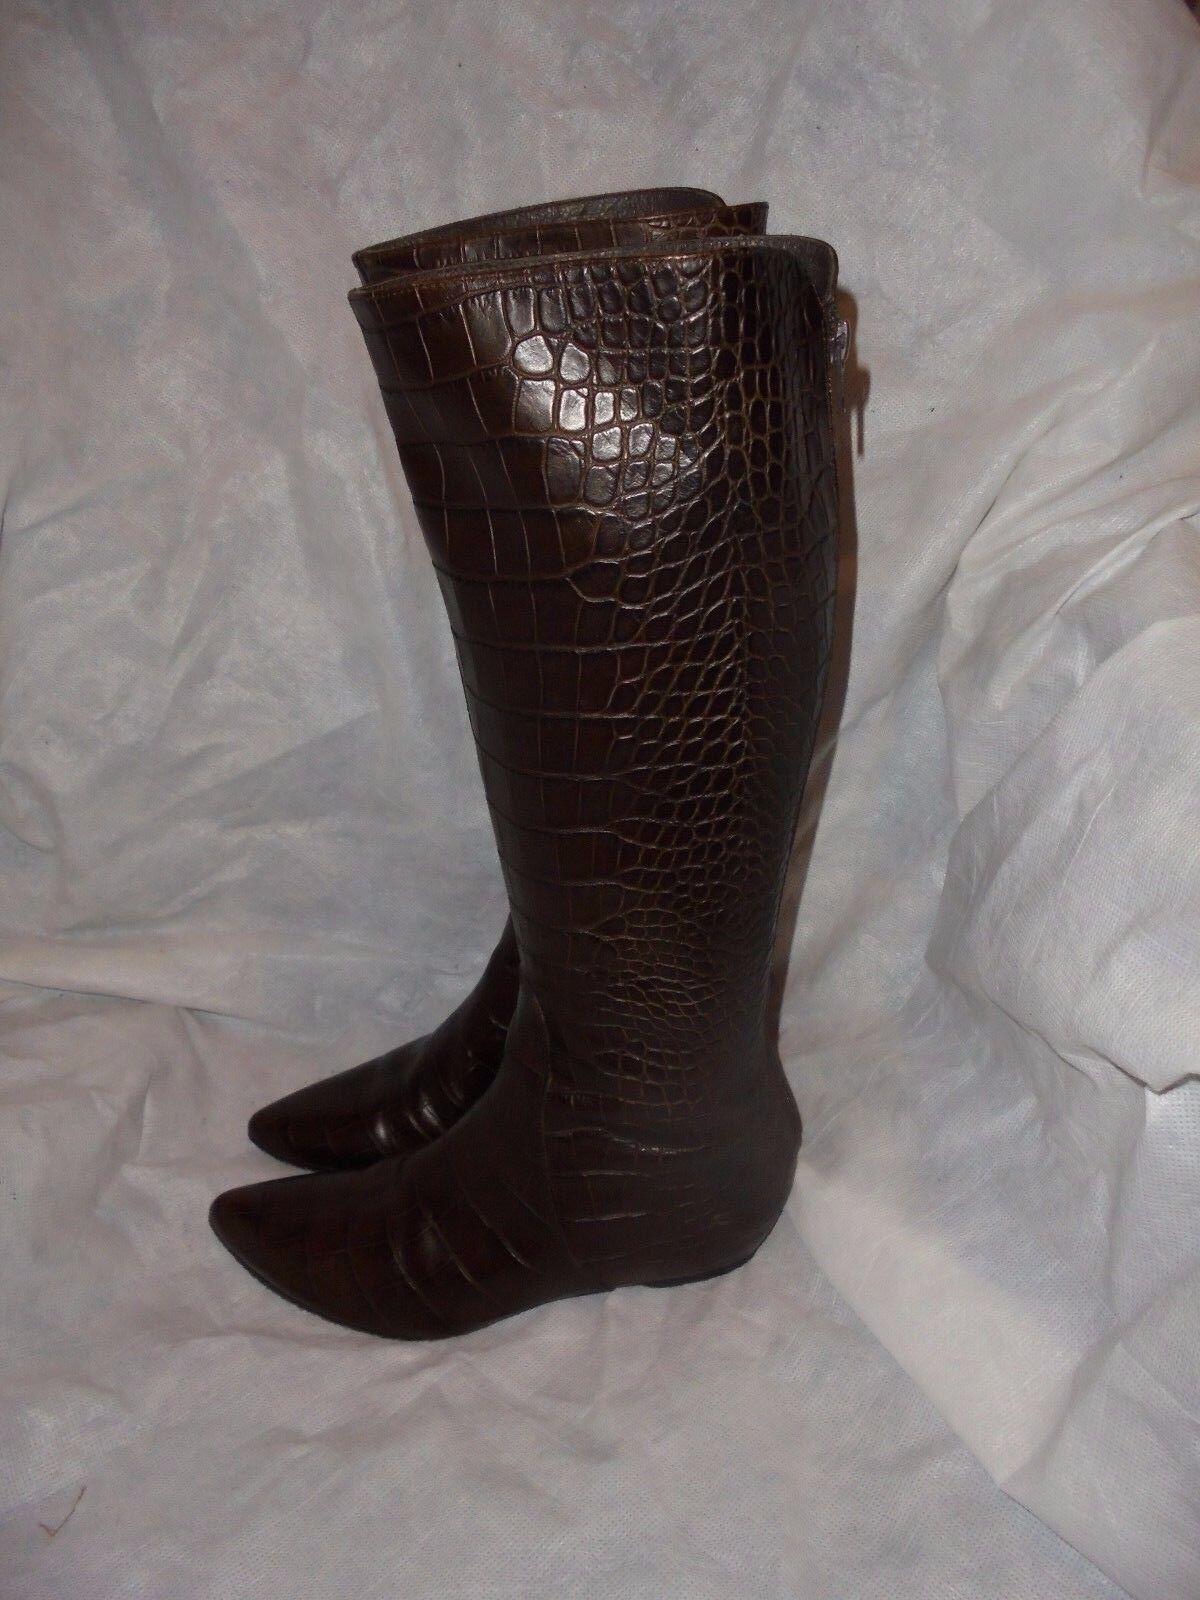 Paco herrana Para mujeres Cuero Marrón Cocodrilo Zip Knee High Boot Size en muy buena condición